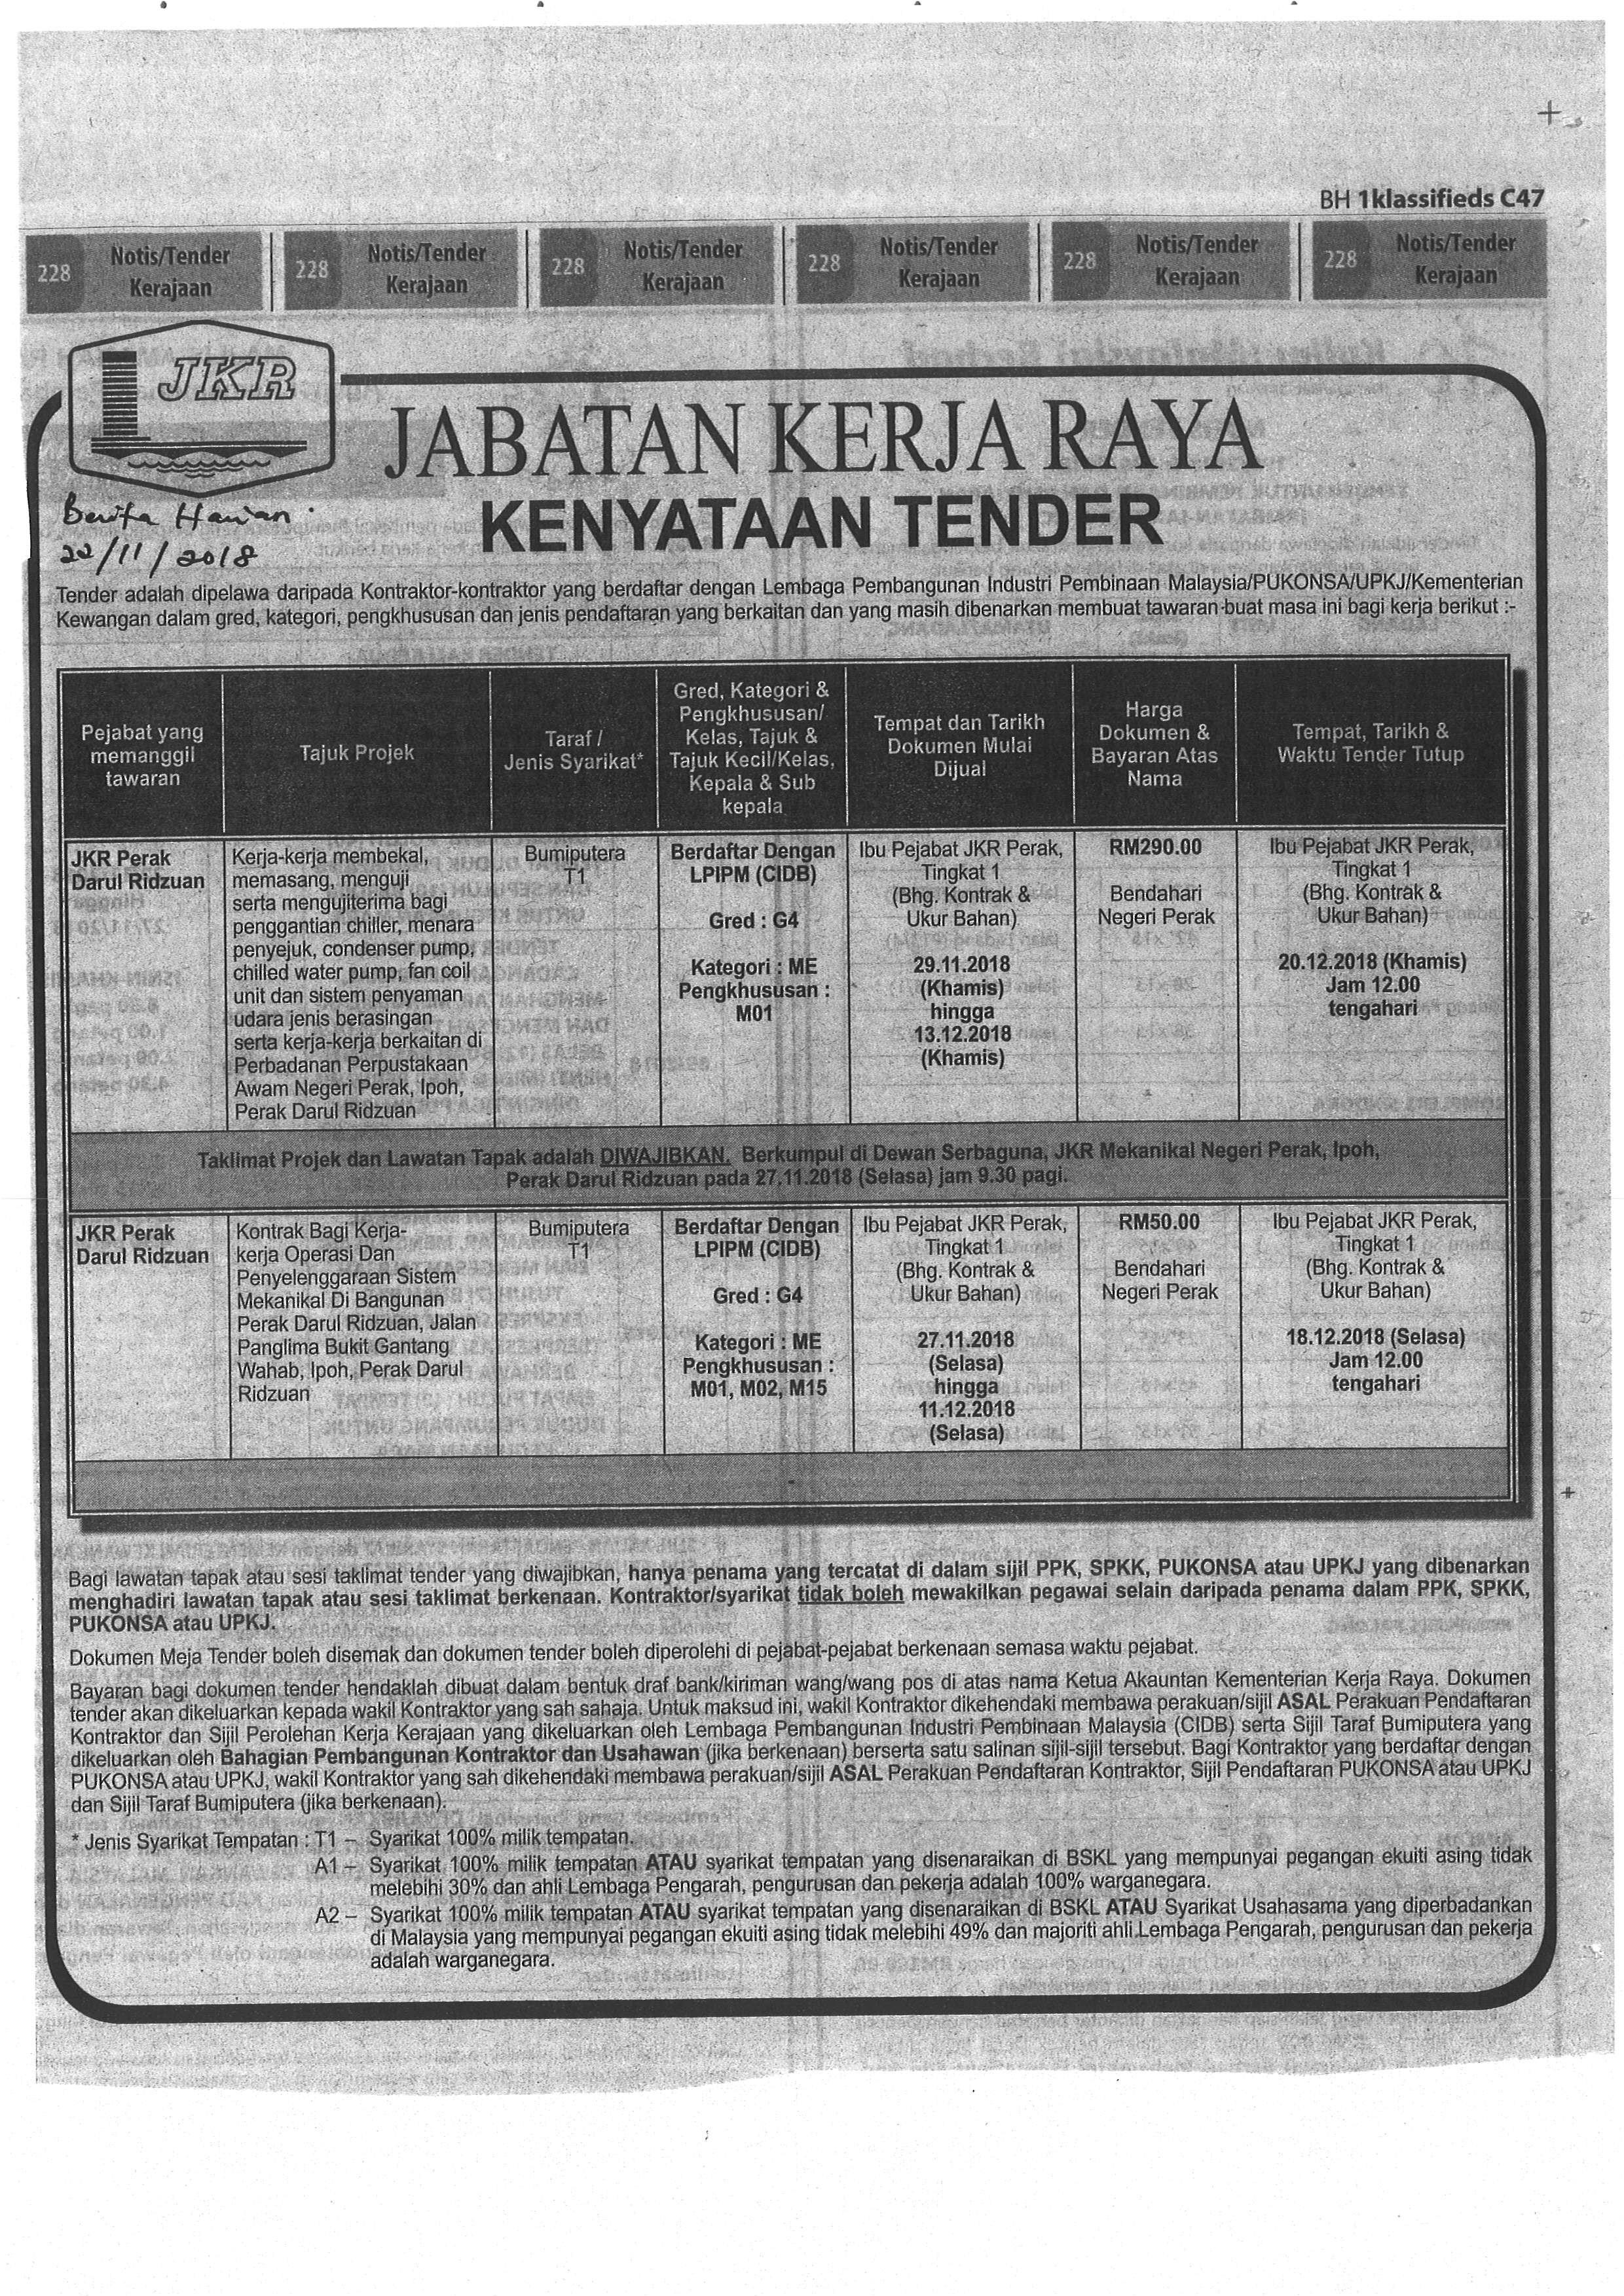 Iklan Tender Kontrak Bagi Kerja Kerja Operasi Dan Penyelenggaraan Sistem Mekanikal Di Bangunan Perak Darul Ridzuan Poh G4